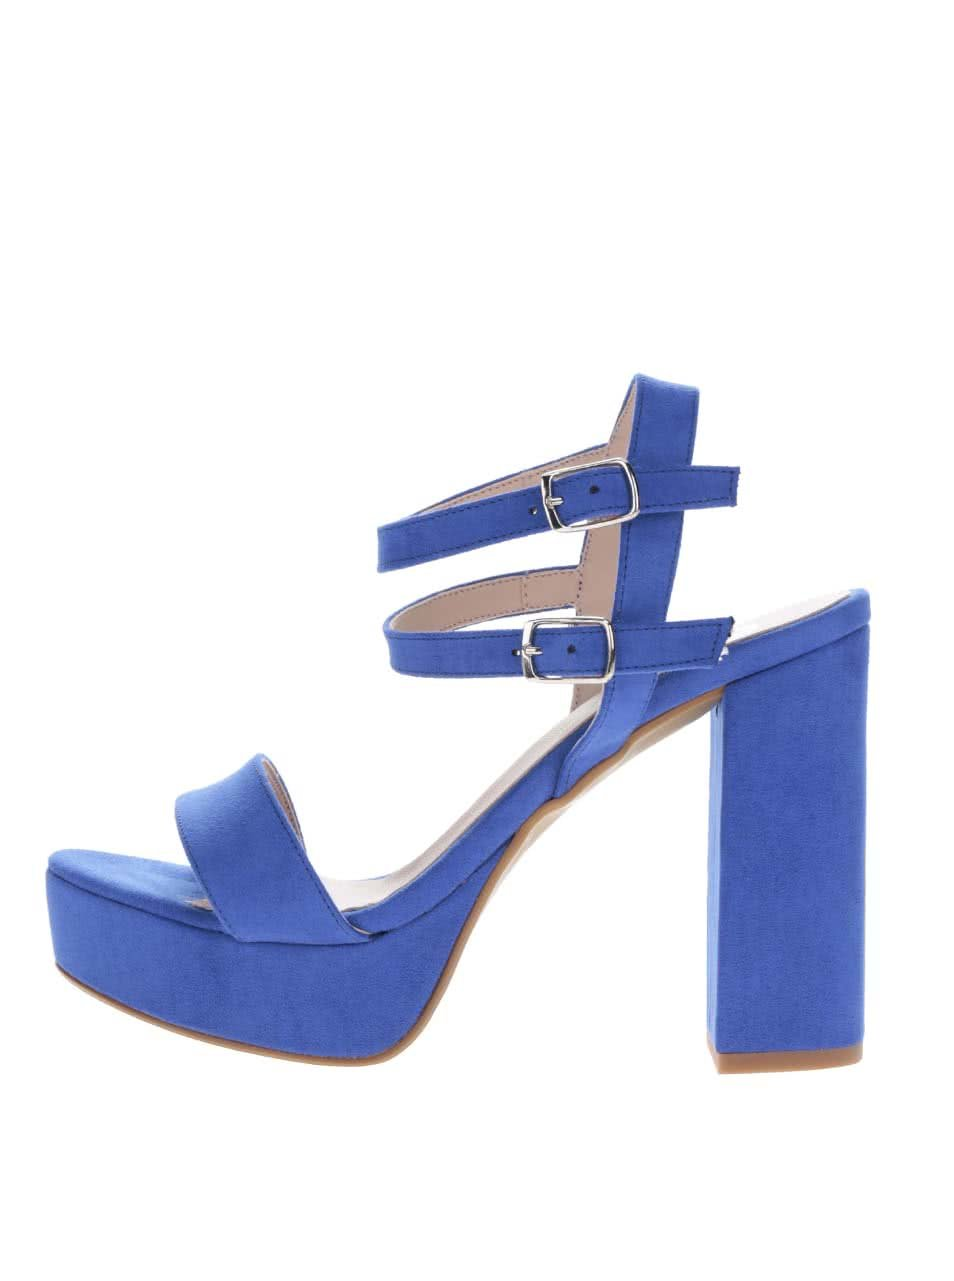 Modré sandálky v semišové úpravě na podpatku OJJU